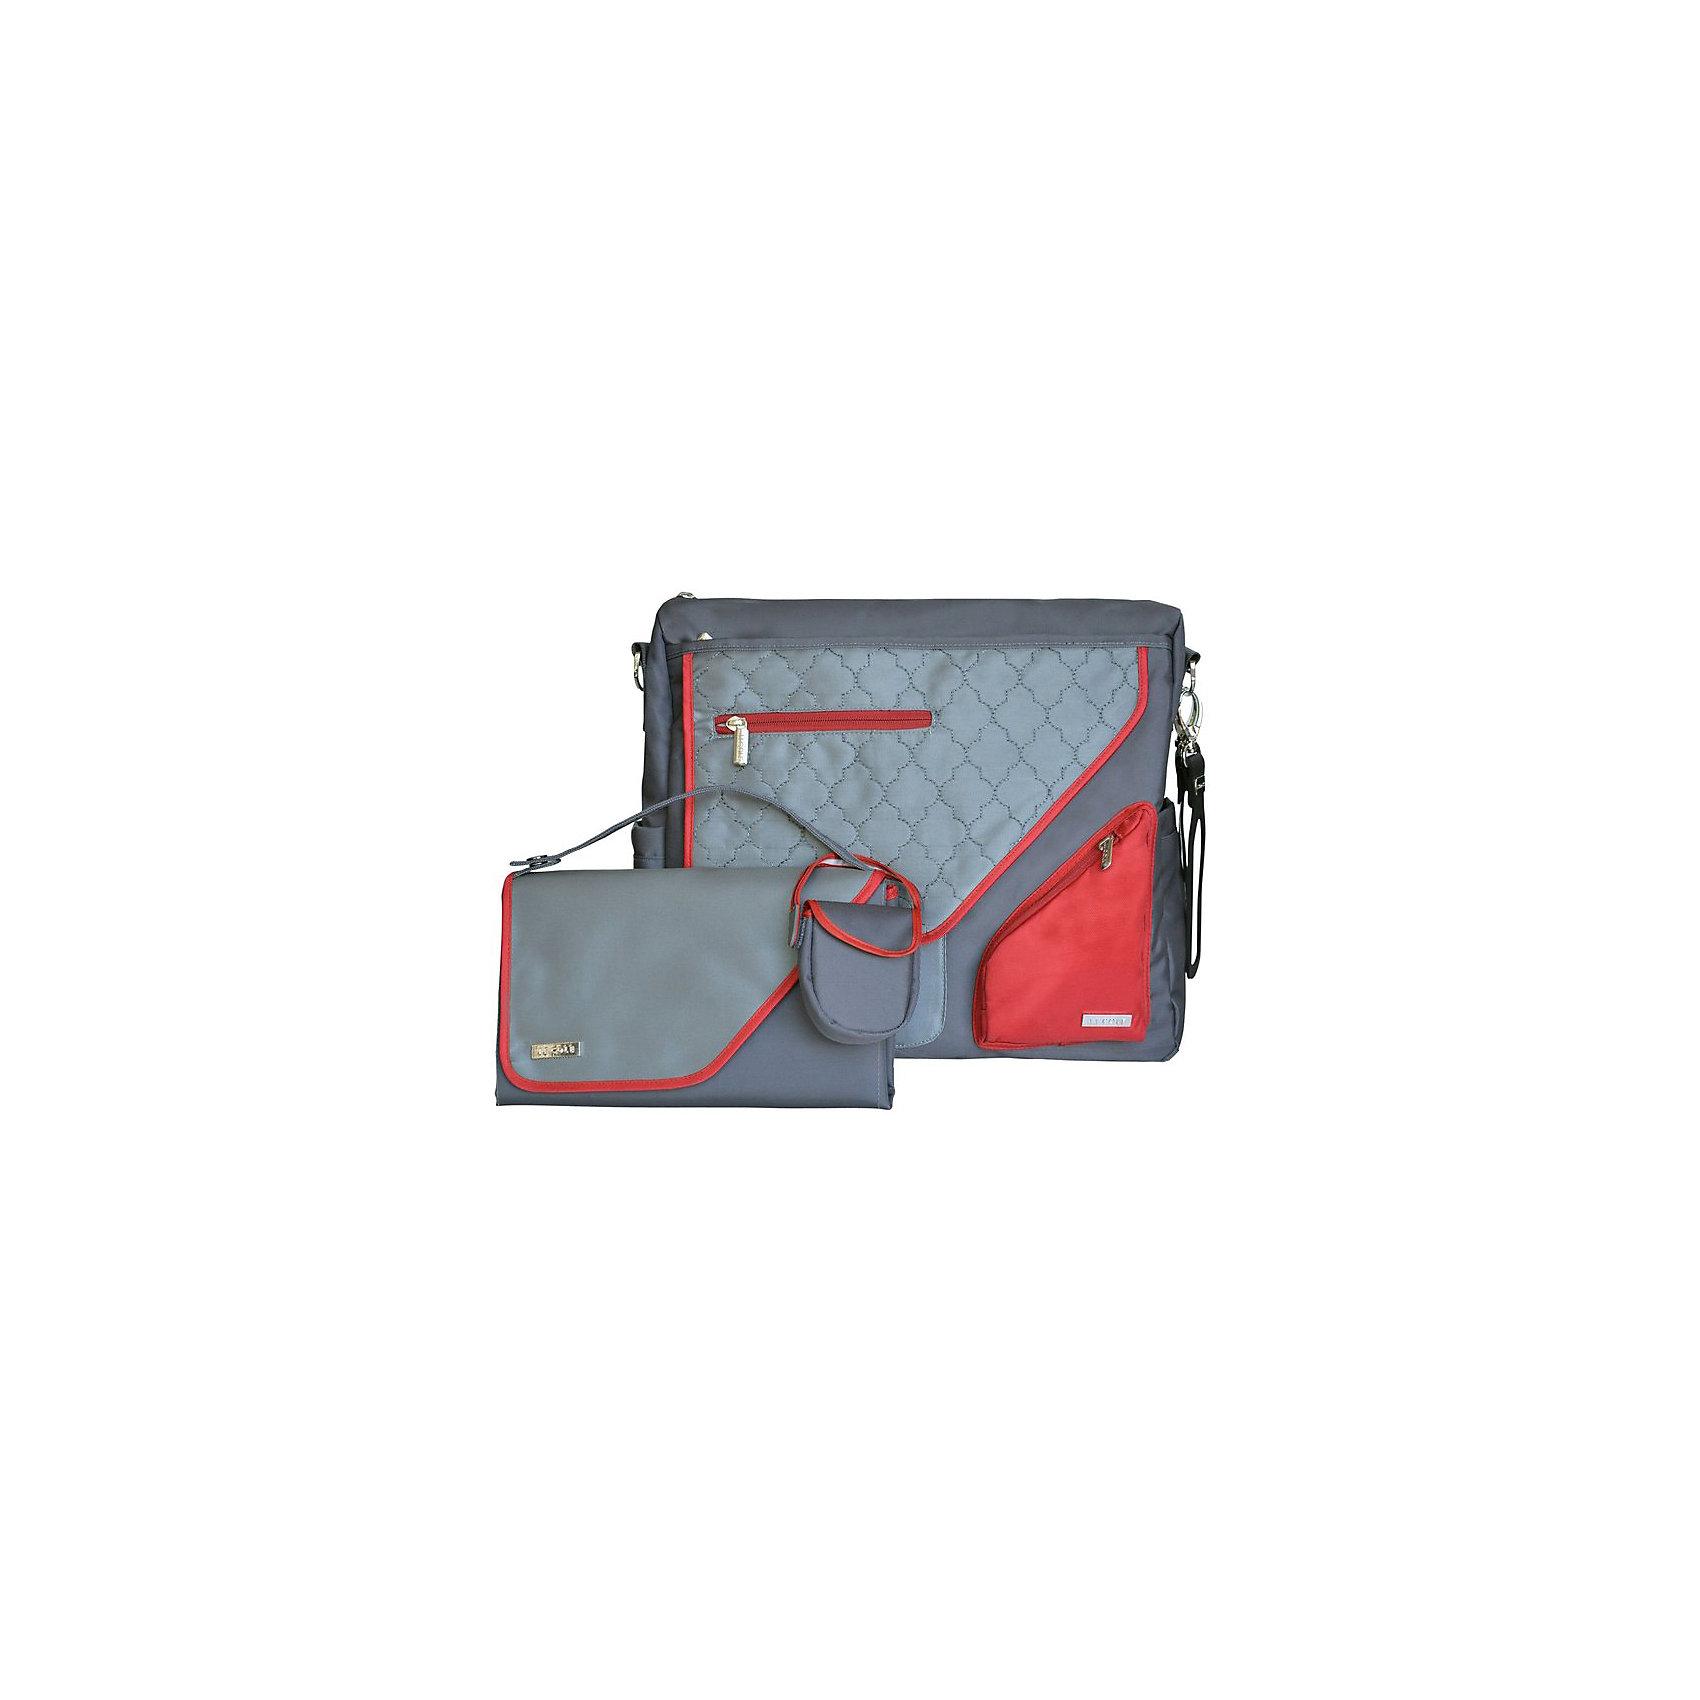 Сумка Metra,JJ Cole, красныйУдобная сумка как для мамы, так и для папы. В зависимости от ситуации сумку можно носить 2 способами: с ремнем через плечо и за специальные нескользящие крепления к коляске. Особенности: <br>- Вместительная сумка с 11 внешними и внутренними карманами, кошельком-органайзером, и отдельной маленькой сумочкой для сосок, которая может крепиться не только к сумке, но и к коляске.<br>- В комплекте с креплениями для коляски и большим пеленальным ковриком с застежкой.<br><br>Дополнительная информация: <br><br>- Размер сумки: 40х13х32 см.<br>- Размер коврика: 70х50 см.<br>- Размер кошелечка: 8х9х2.5 см.<br>- Материал: текстиль.<br>- Цвет: красный.<br><br>Купить сумку Metra от JJ Cole, можно в нашем магазине.<br><br>Ширина мм: 120<br>Глубина мм: 450<br>Высота мм: 400<br>Вес г: 900<br>Возраст от месяцев: 0<br>Возраст до месяцев: 588<br>Пол: Унисекс<br>Возраст: Детский<br>SKU: 5093579